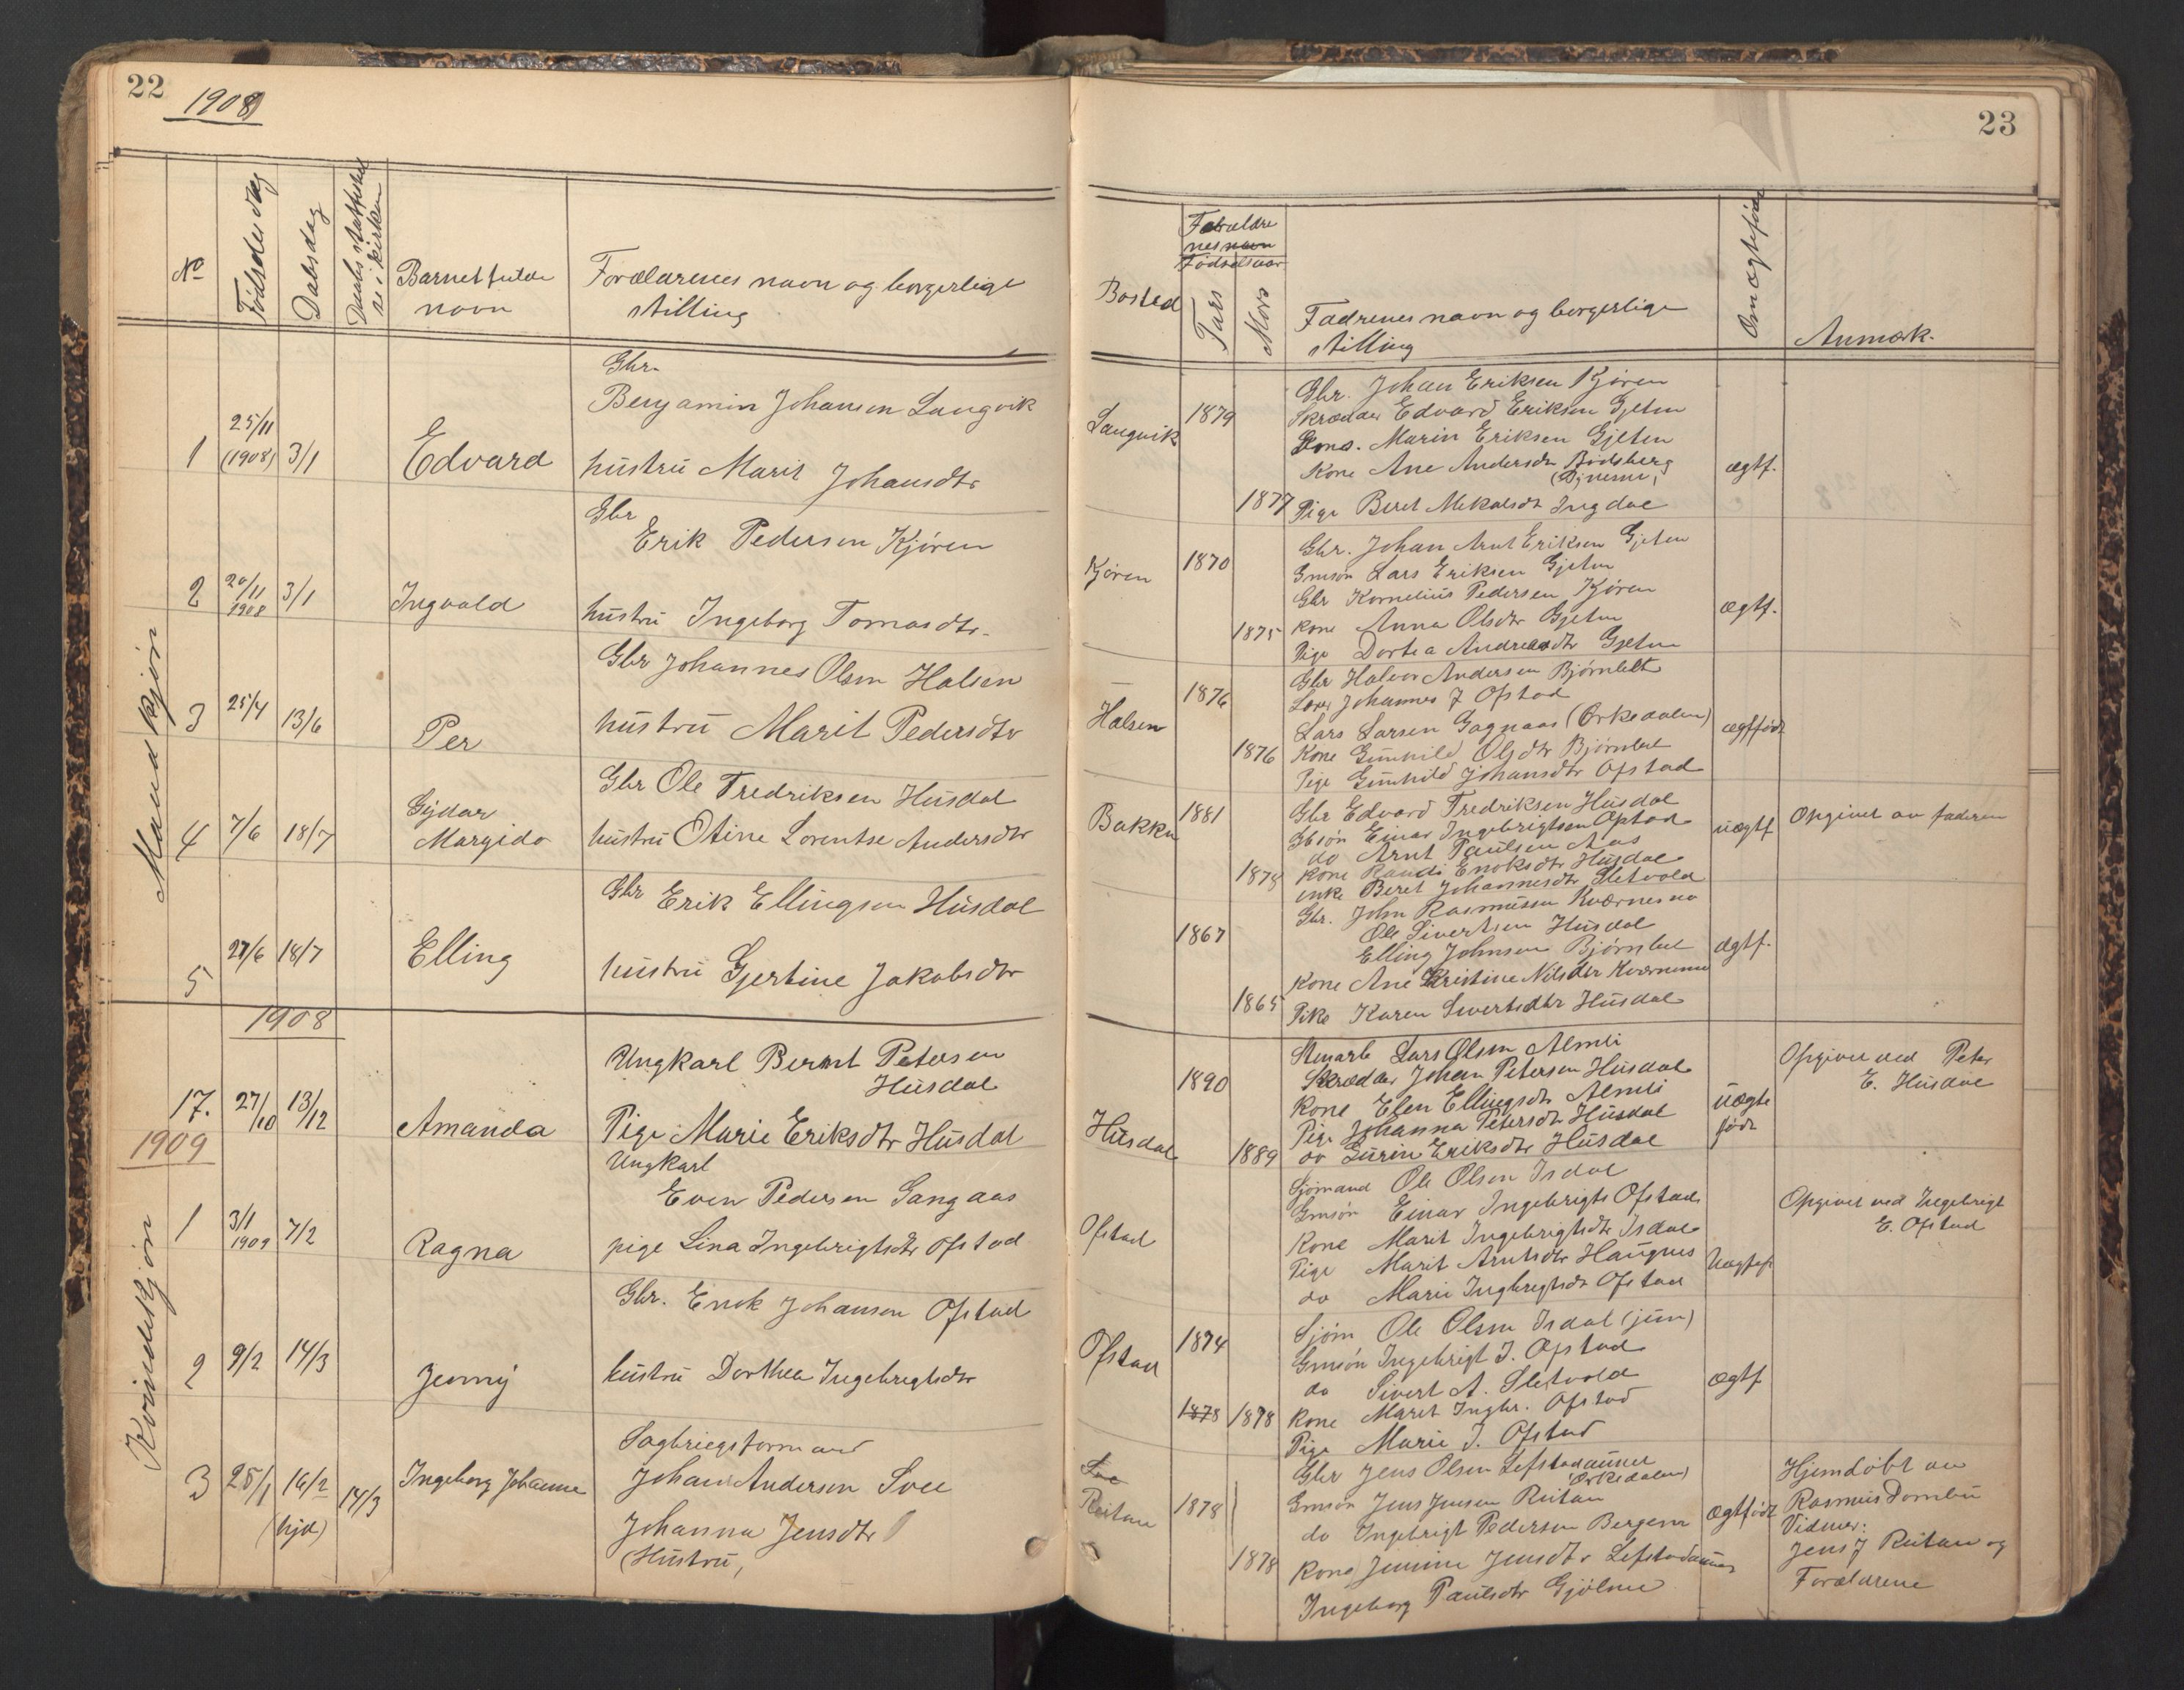 SAT, Ministerialprotokoller, klokkerbøker og fødselsregistre - Sør-Trøndelag, 670/L0837: Klokkerbok nr. 670C01, 1905-1946, s. 22-23